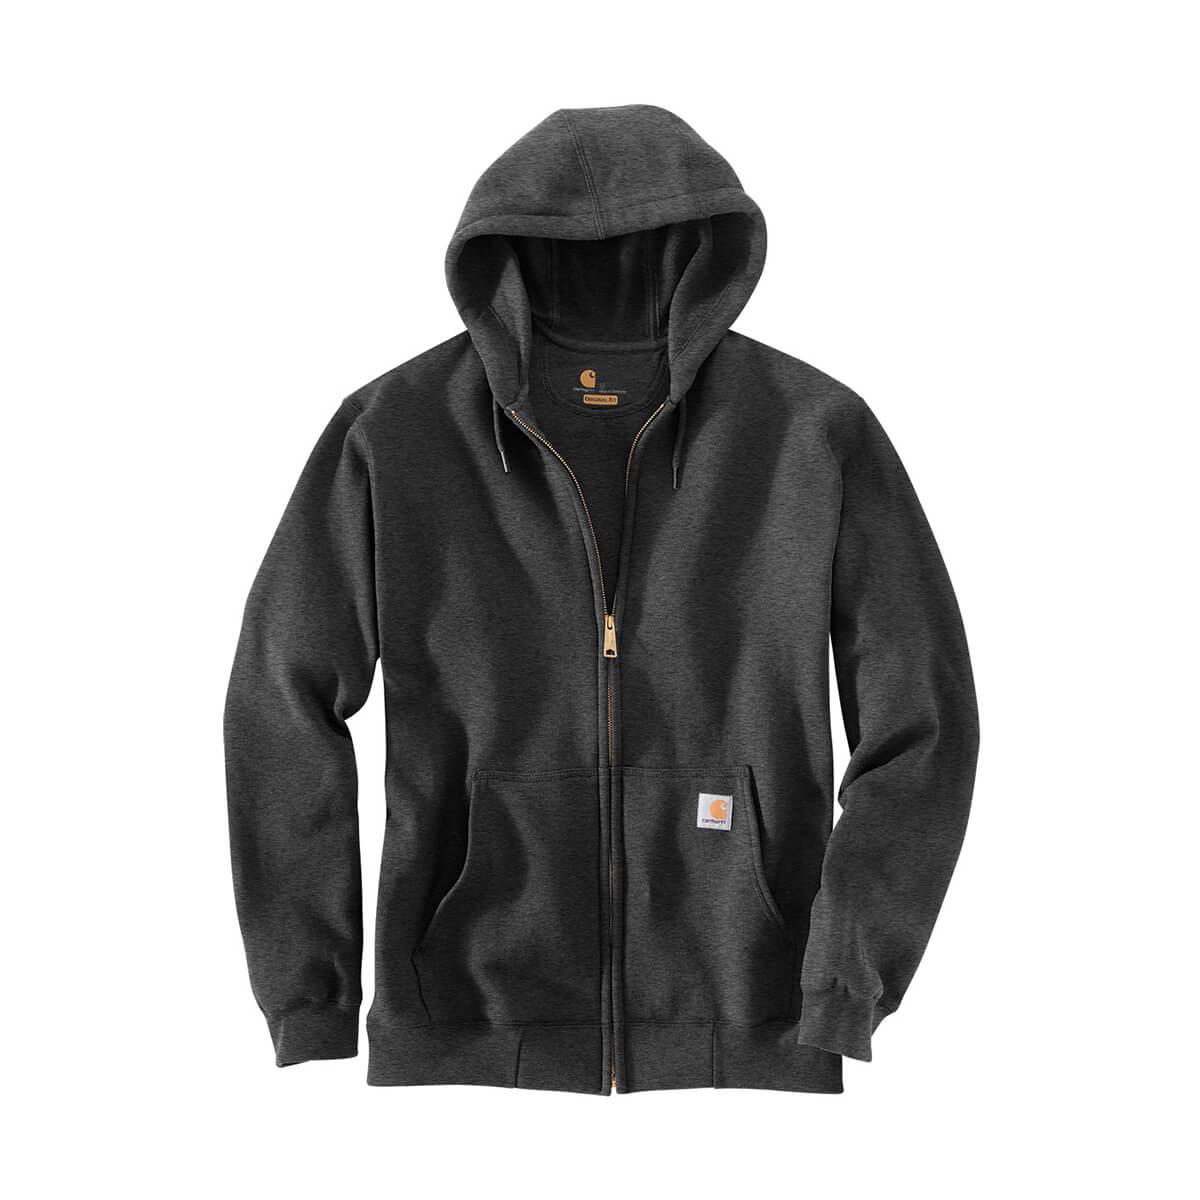 Carhartt Midweight Hooded Zip-Front Sweatshirt